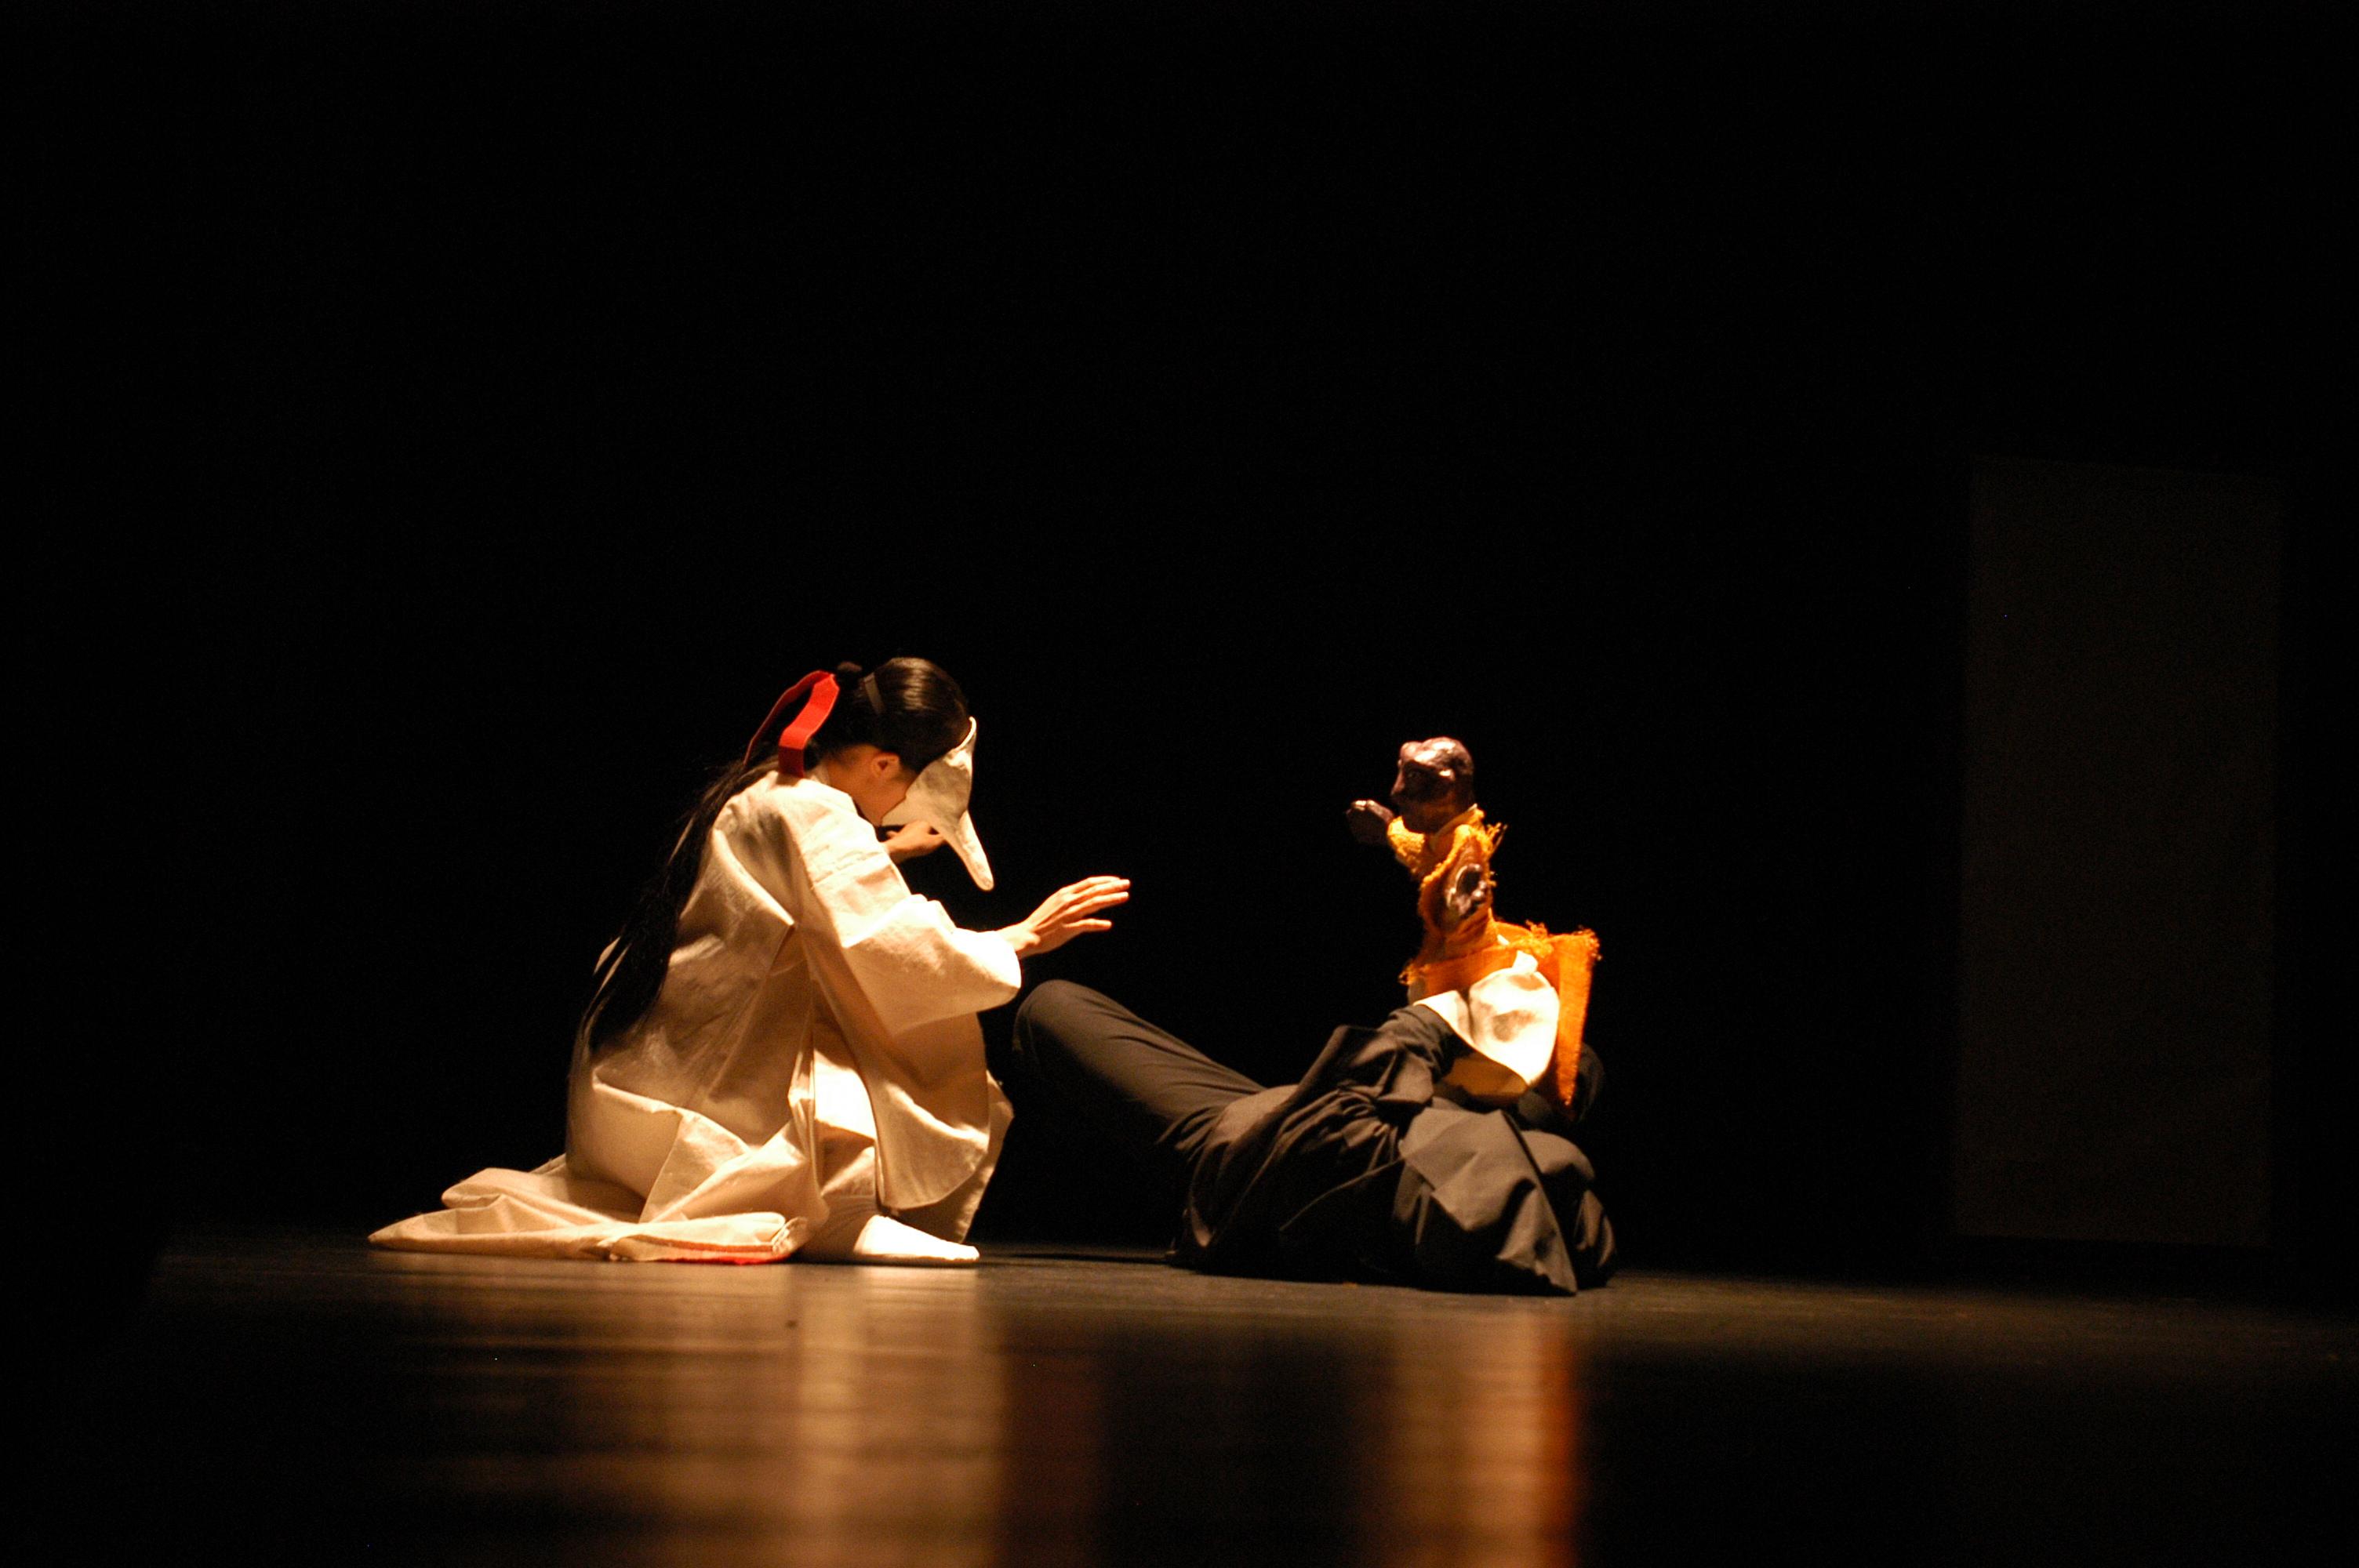 kagome - fde 2006 - 08.JPG